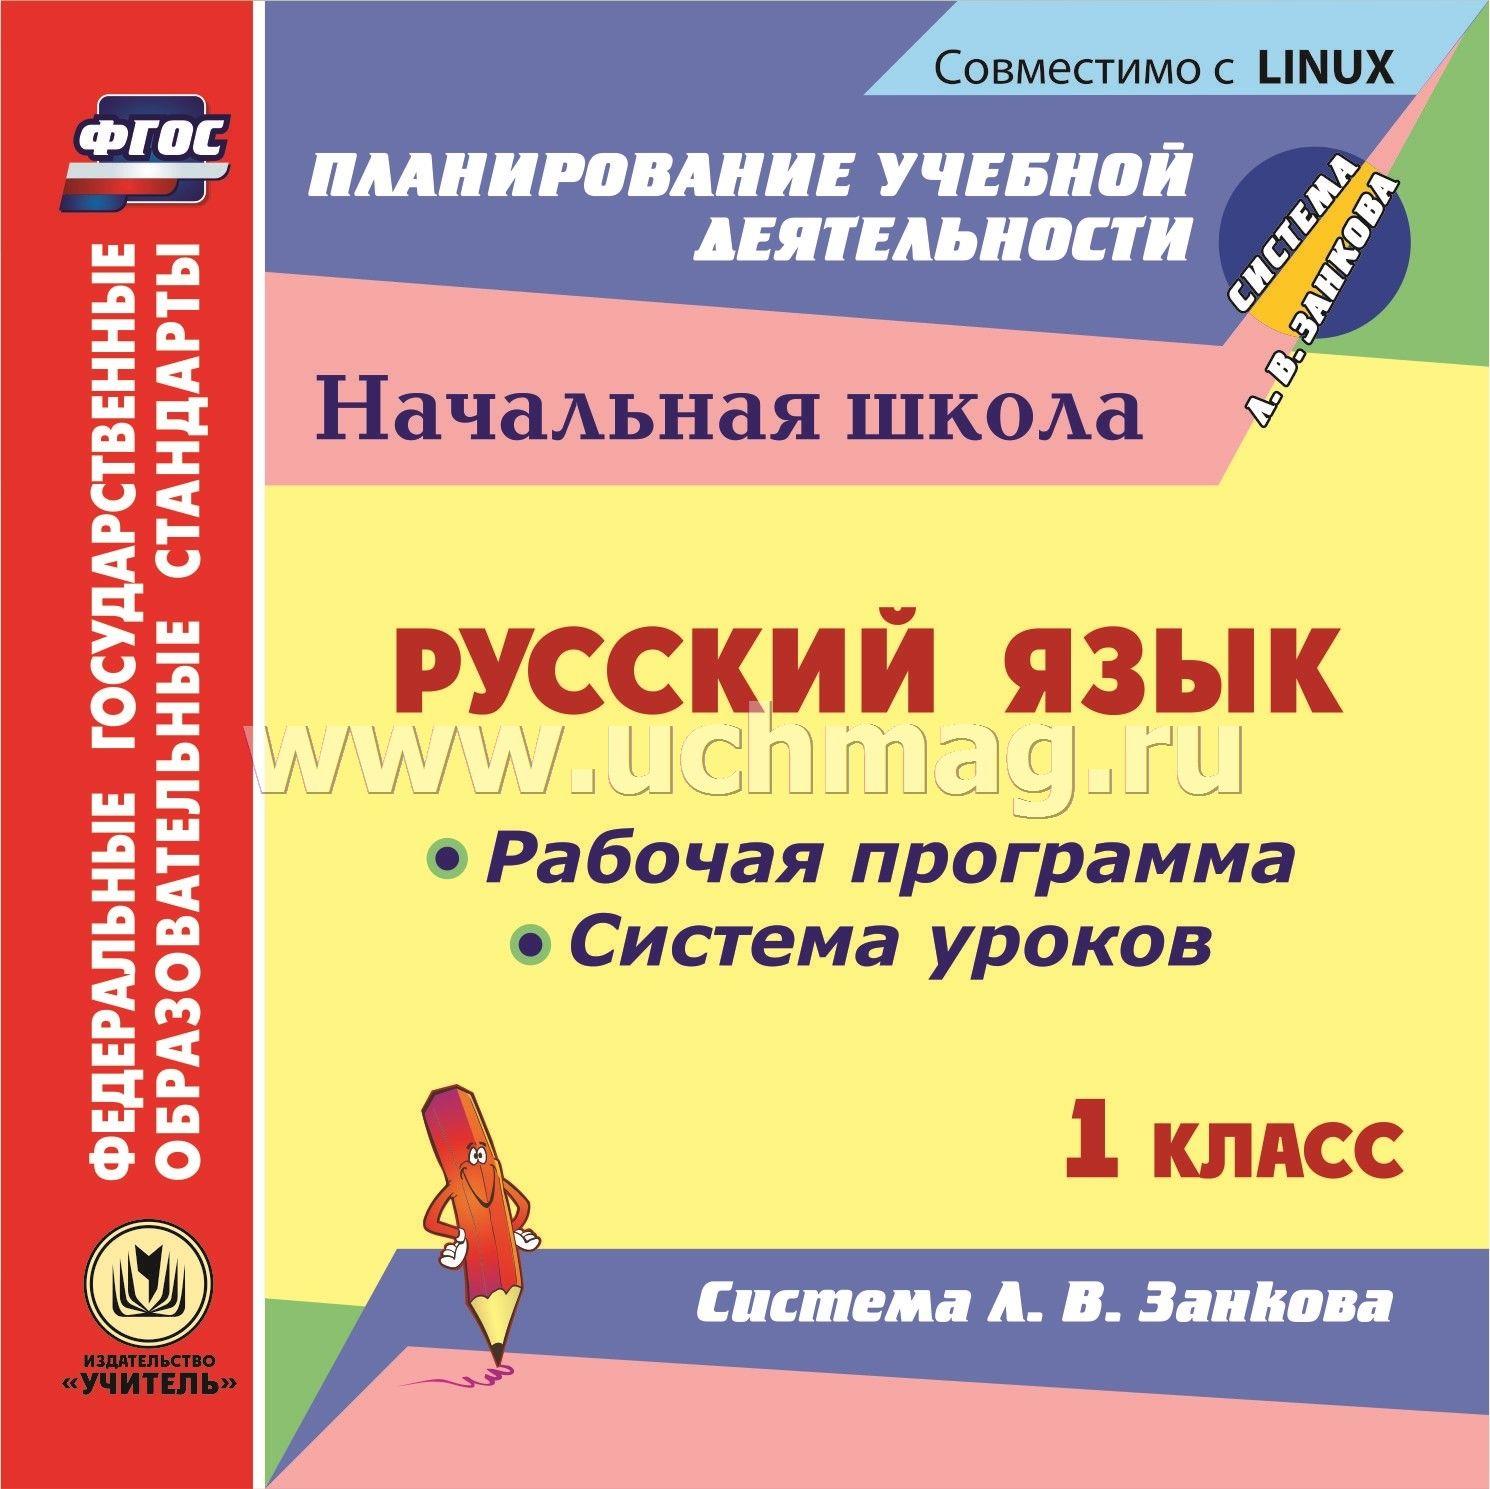 Контрольная работа за 1 полугодие по русскому языку 2 класс илюхина планета знаний